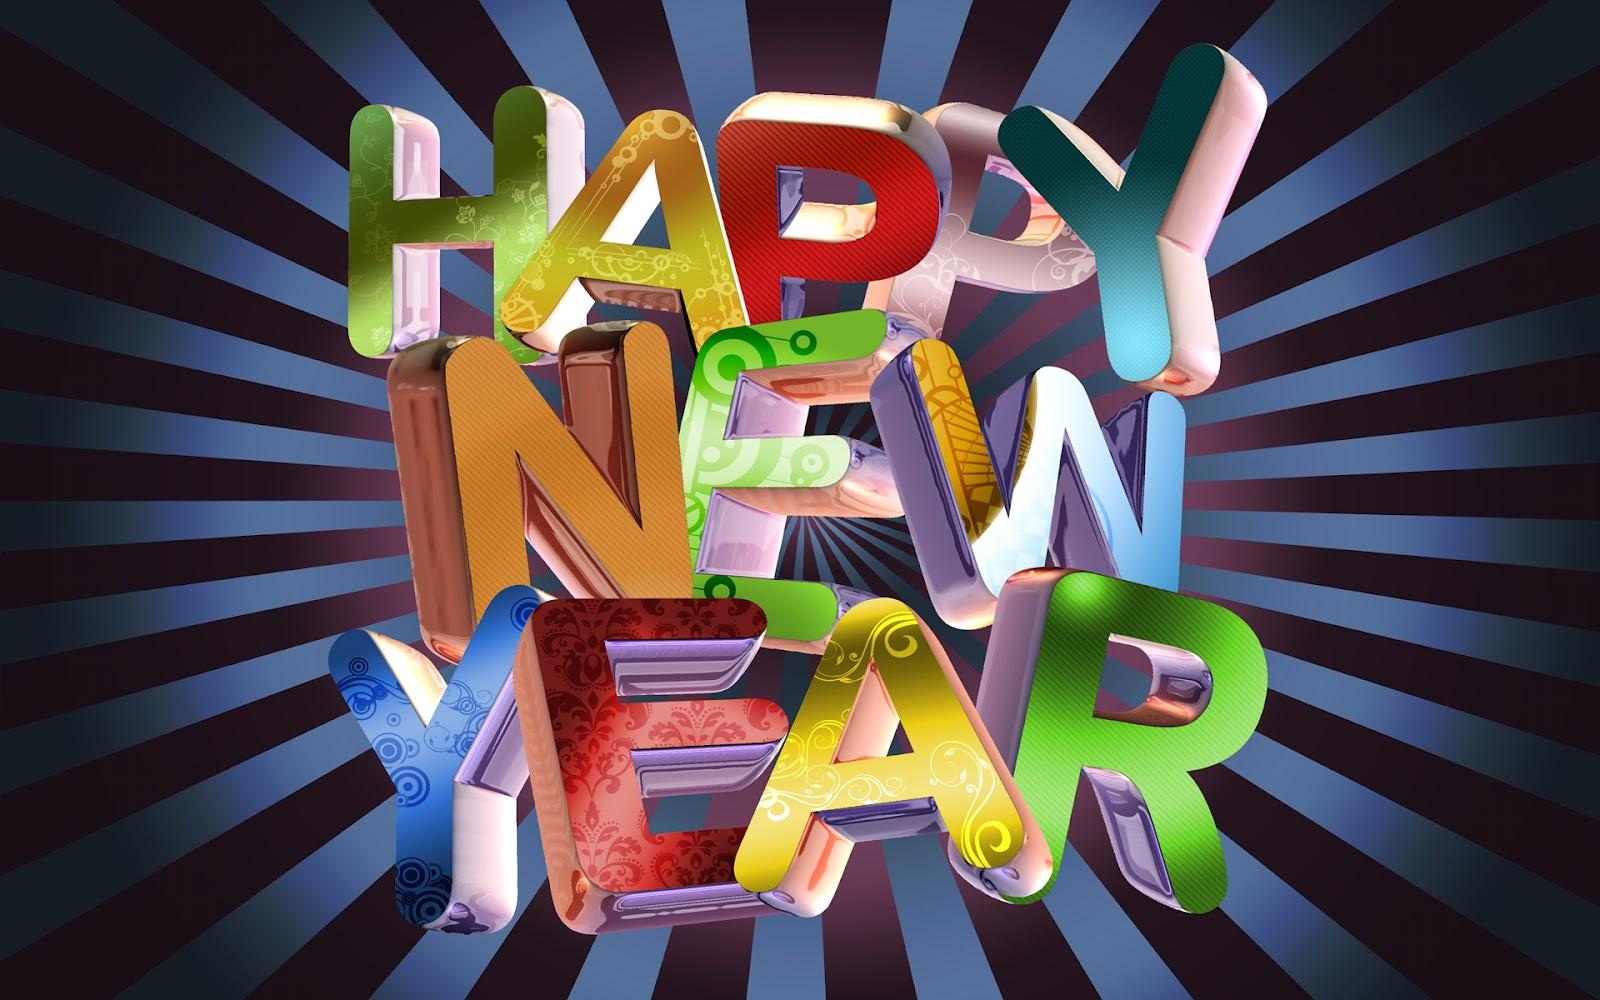 http://4.bp.blogspot.com/-eEp31AMq9Is/UTLvQouzygI/AAAAAAAAASY/FY8M2vAJrIg/s1600/Happy-New-Year-2013-Wallpaper-9.jpg